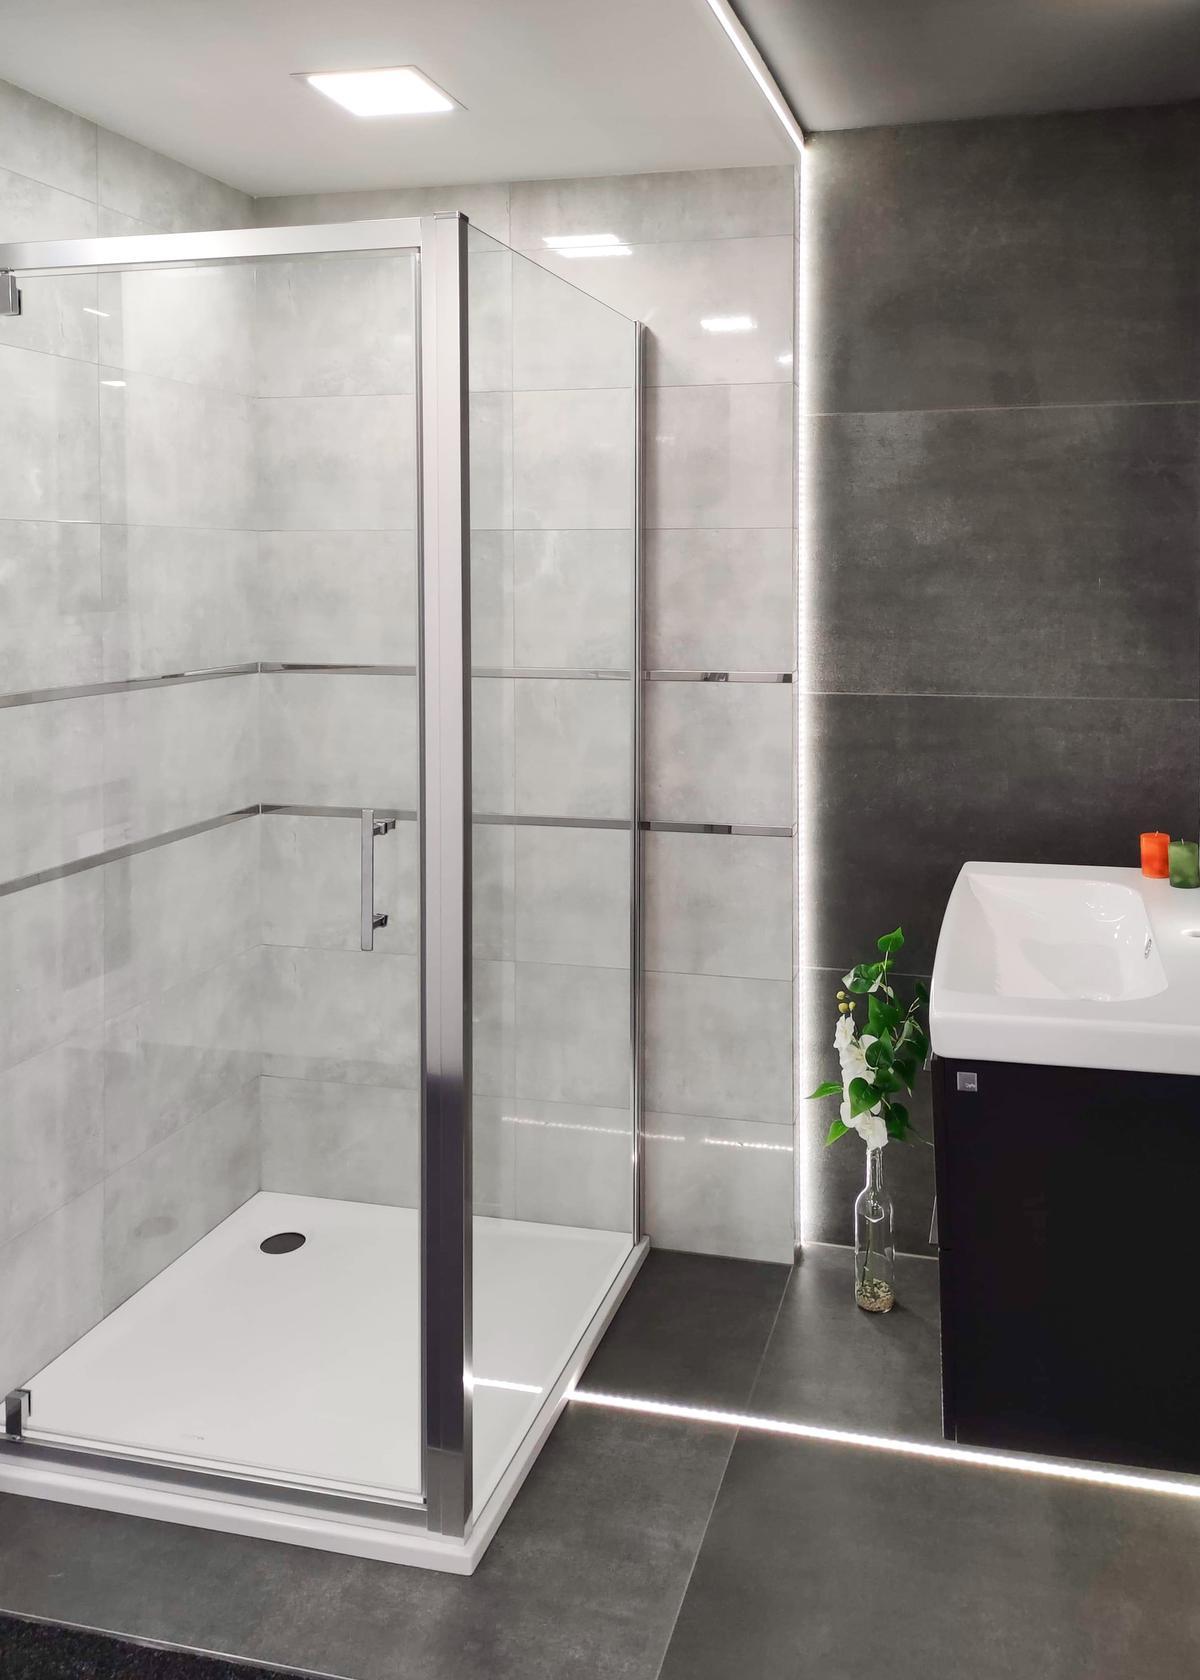 Aranżacja szarej łazienki z prysznicem w BLU Września - zdjęcie od BLU salon łazienek Września